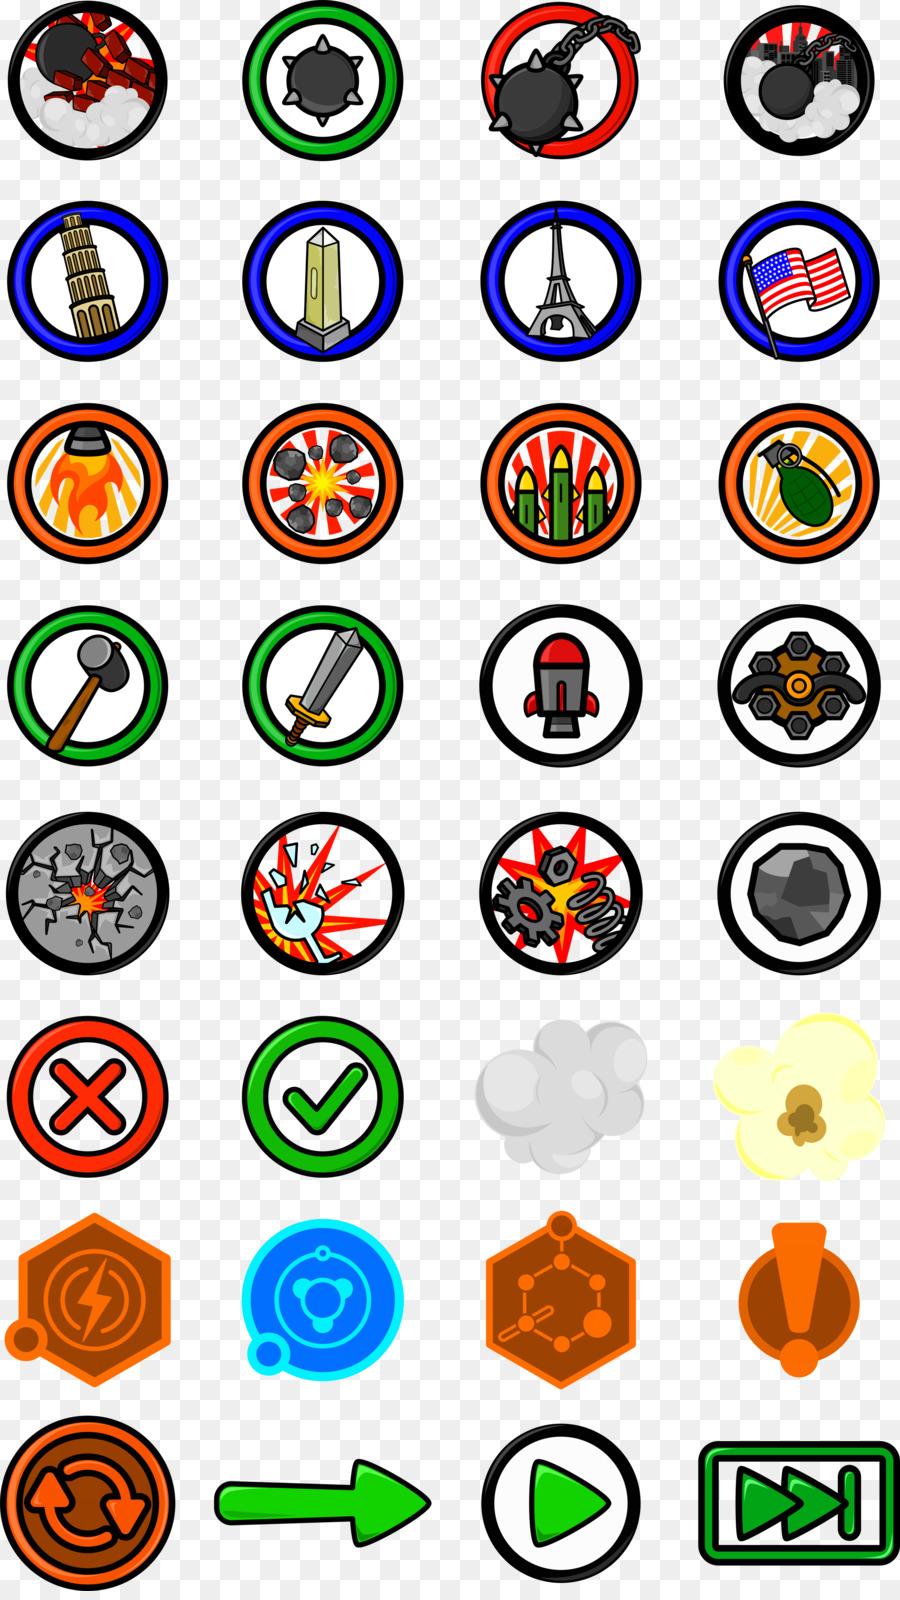 Shader Circle png download - 2317*4096 - Free Transparent Shader png